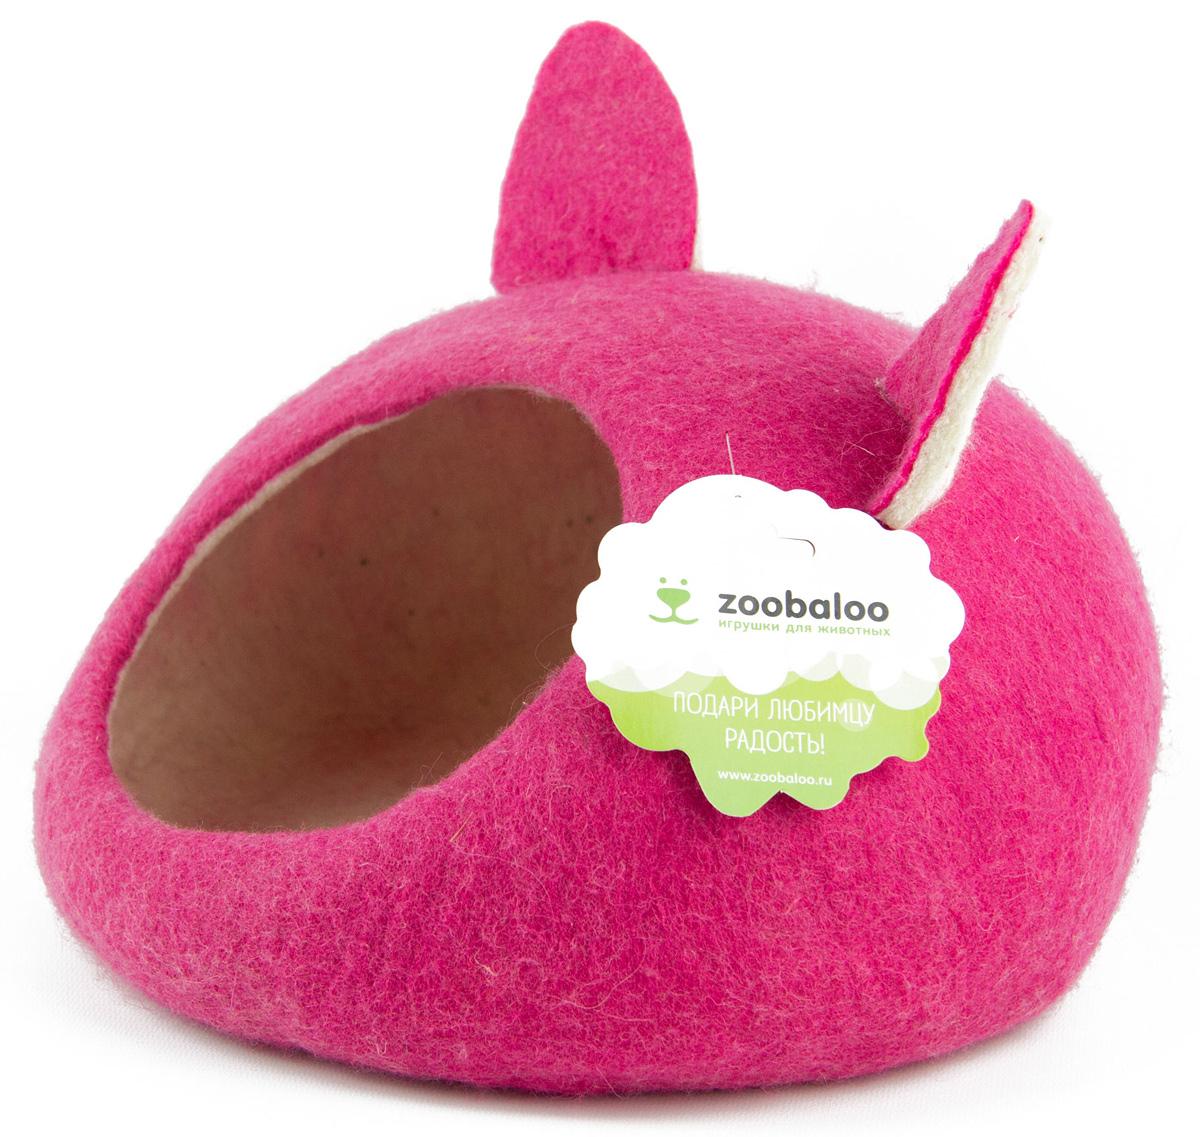 Домик-слипер Zoobaloo WoolPetHouse, размер M, форма круг, с ушками, малиновый домик слипер для животных zoobaloo woolpethouse с ушками цвет оранжевый размер m